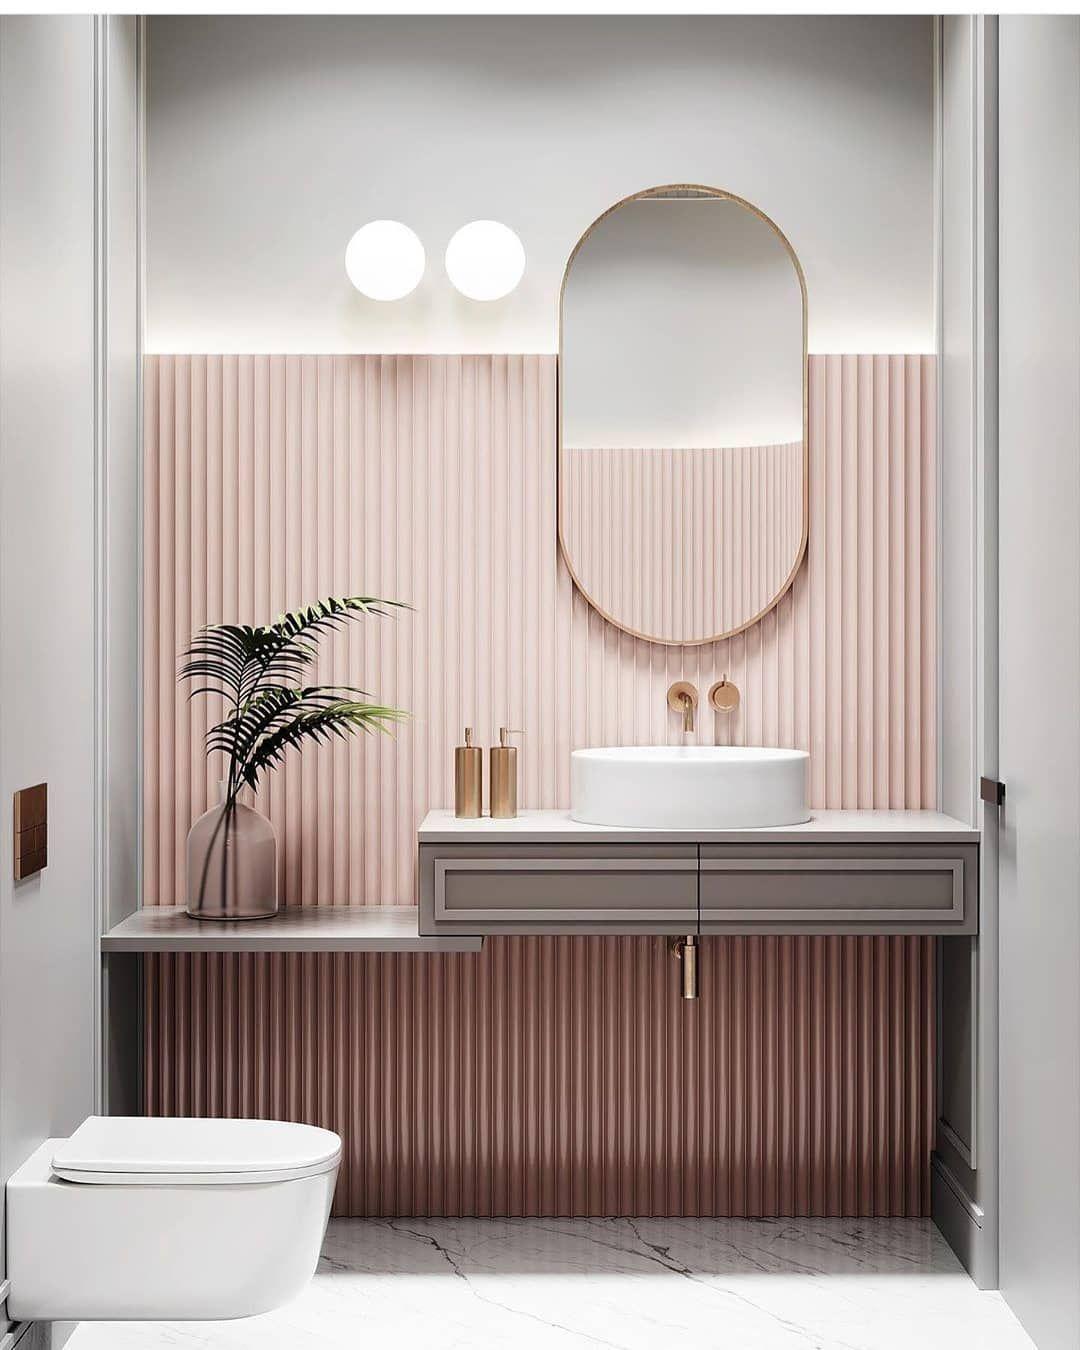 Bathroom Decorating Ideas Axor Citterio Freshome Com Fall Bathroom Decor Restroom Design Bathroom Interior Design Fall bathroom decor sets